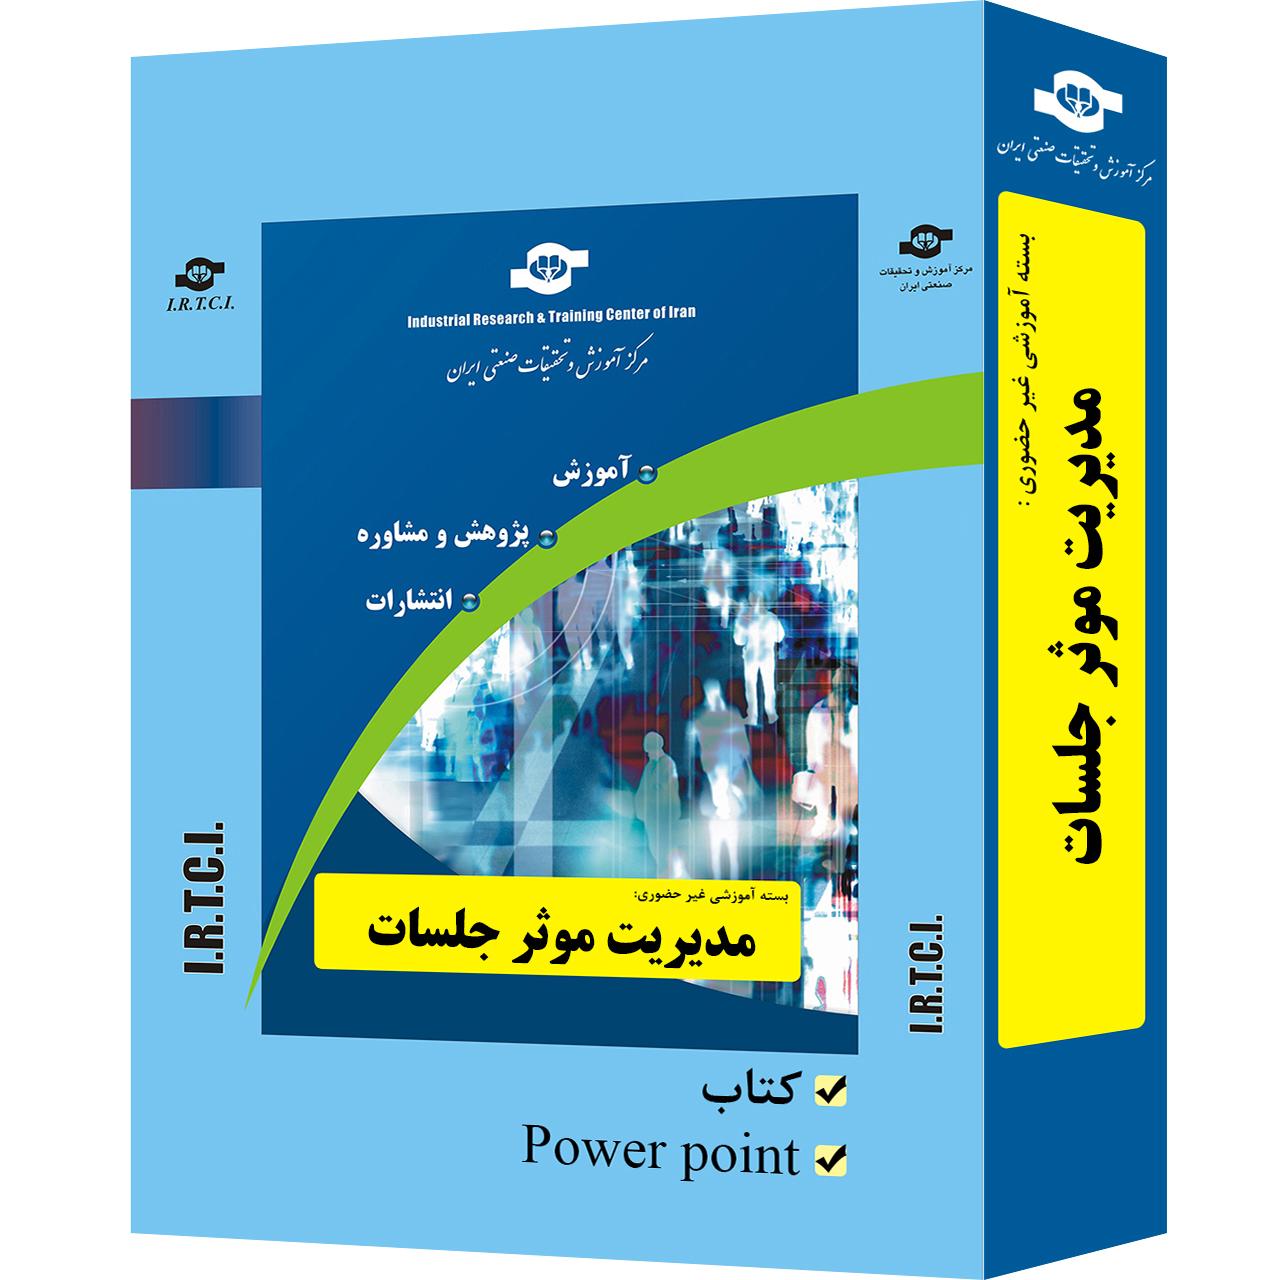 بسته آموزشی غیر حضوری مدیریت موثر جلسات تدوین مرکز آموزش و تحقیقات صنعتی ایران